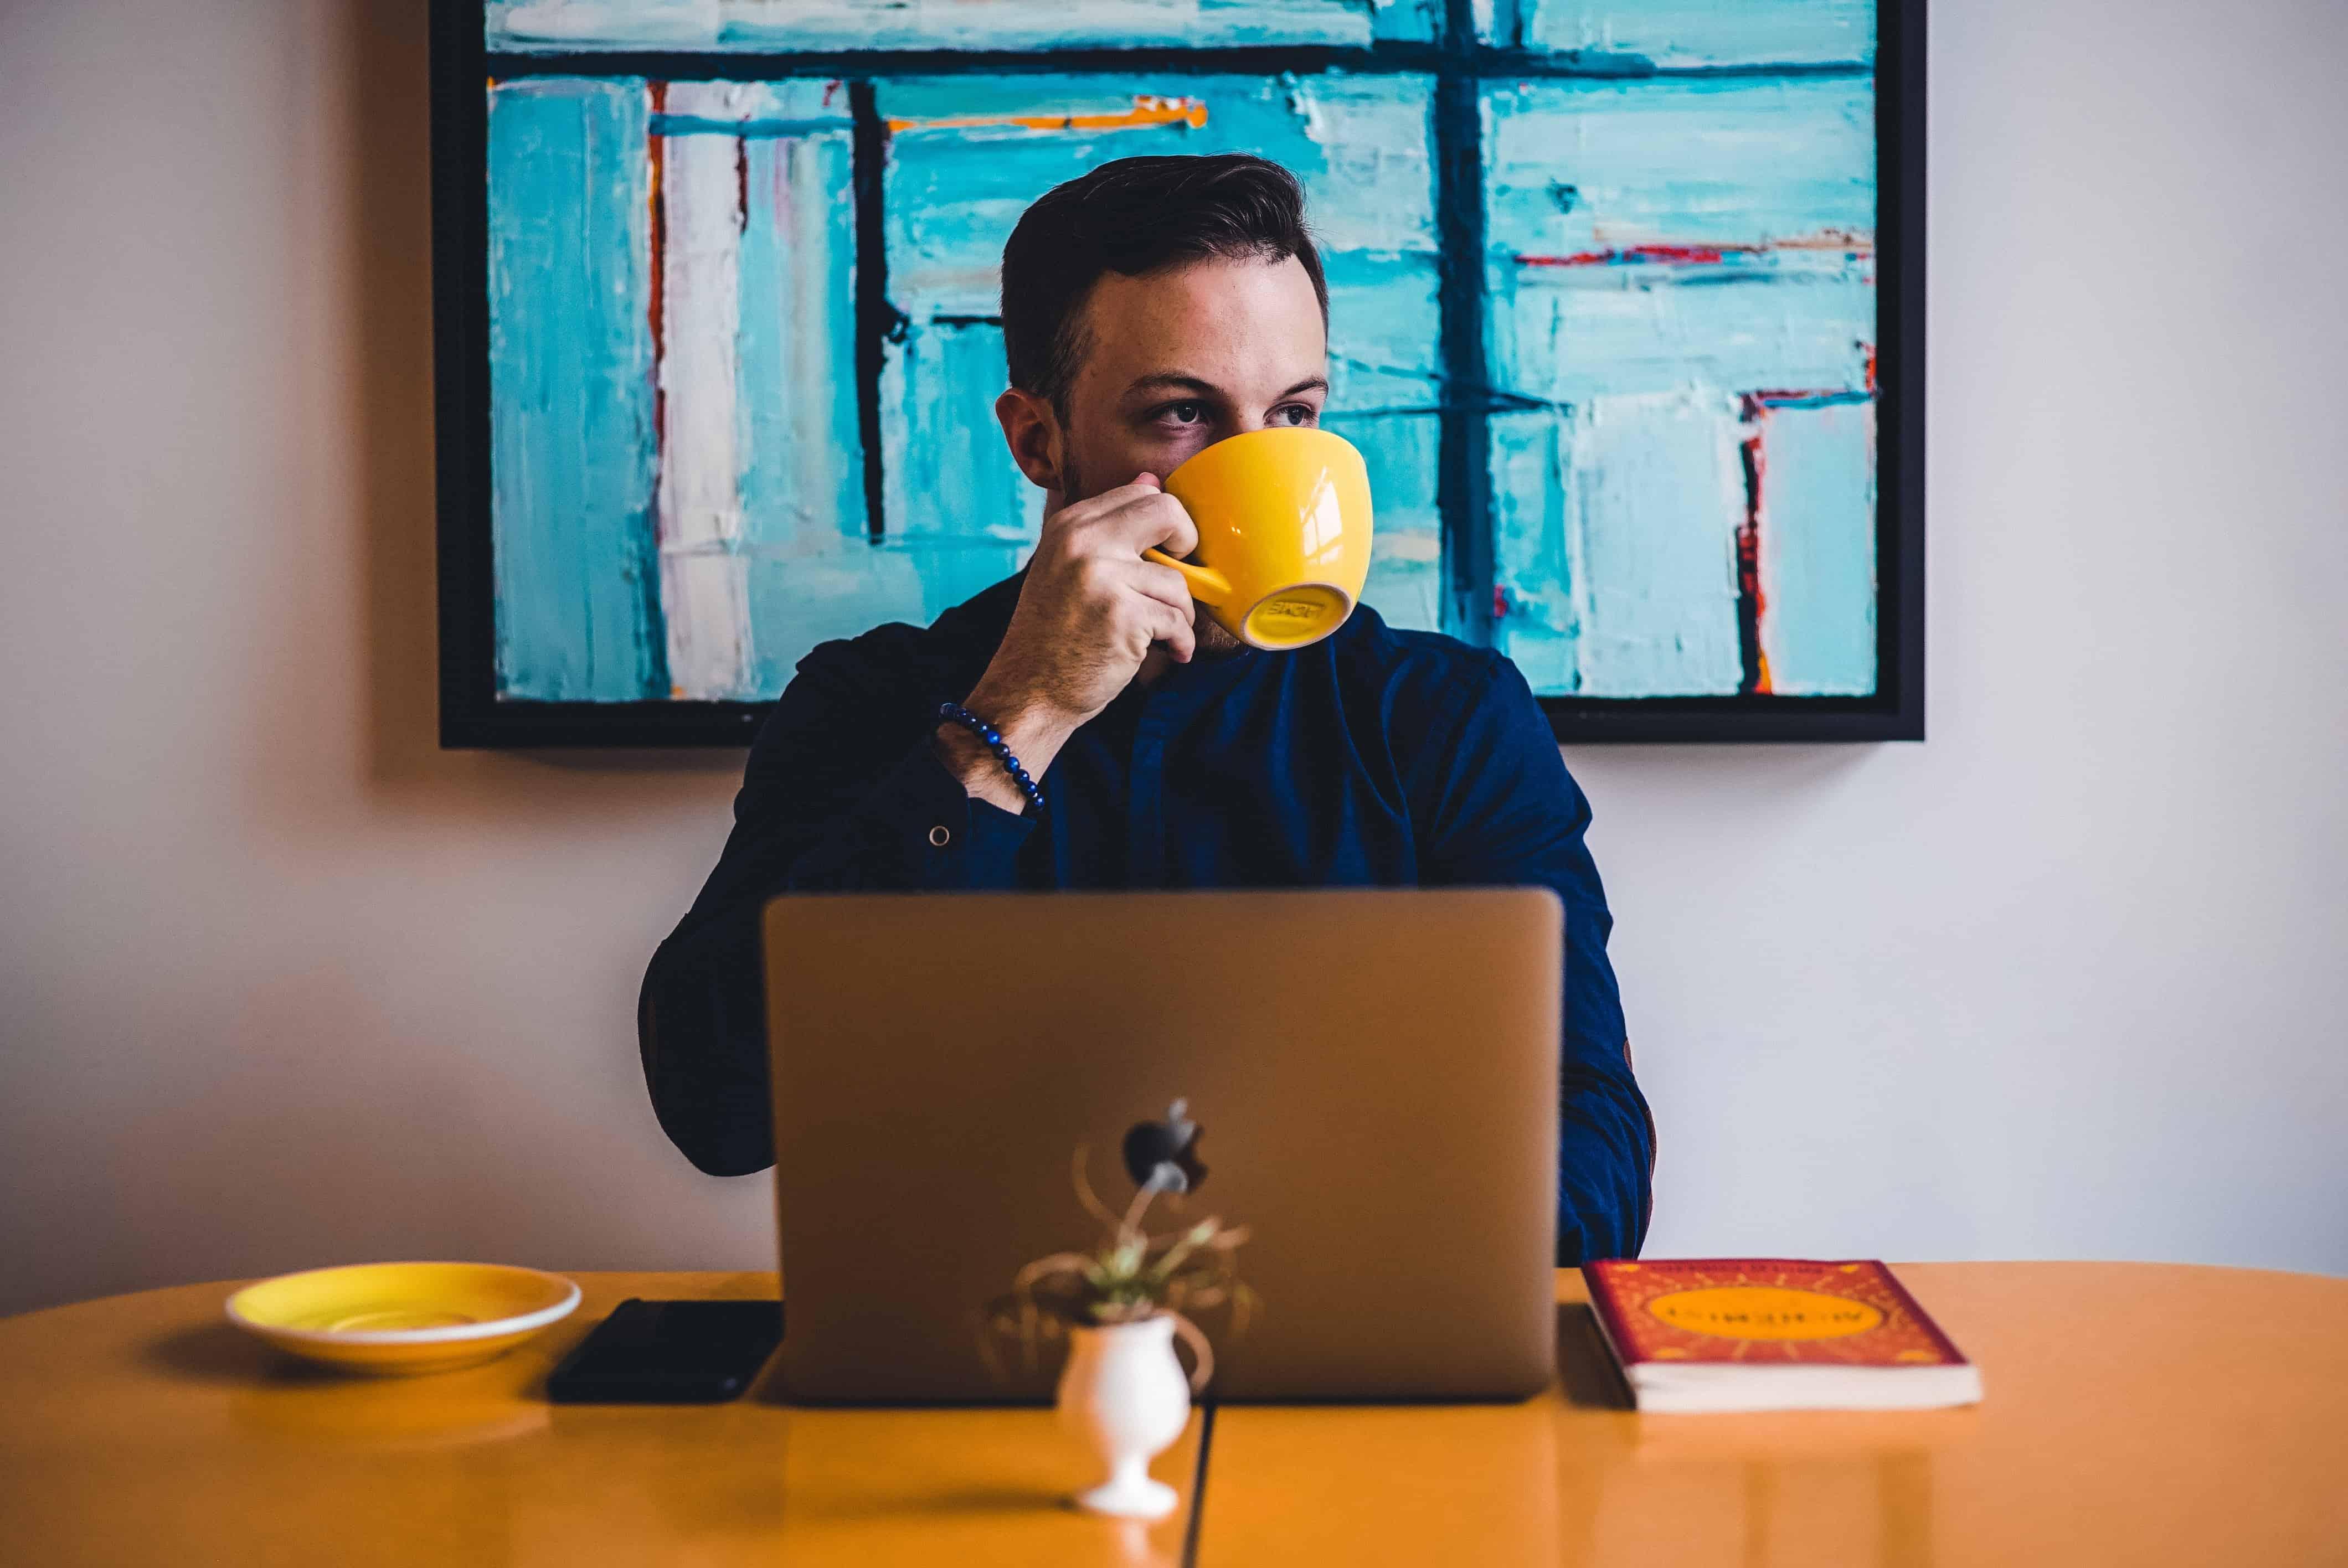 men-drinking-tea-cup-boss-jpg1548744861.jpg